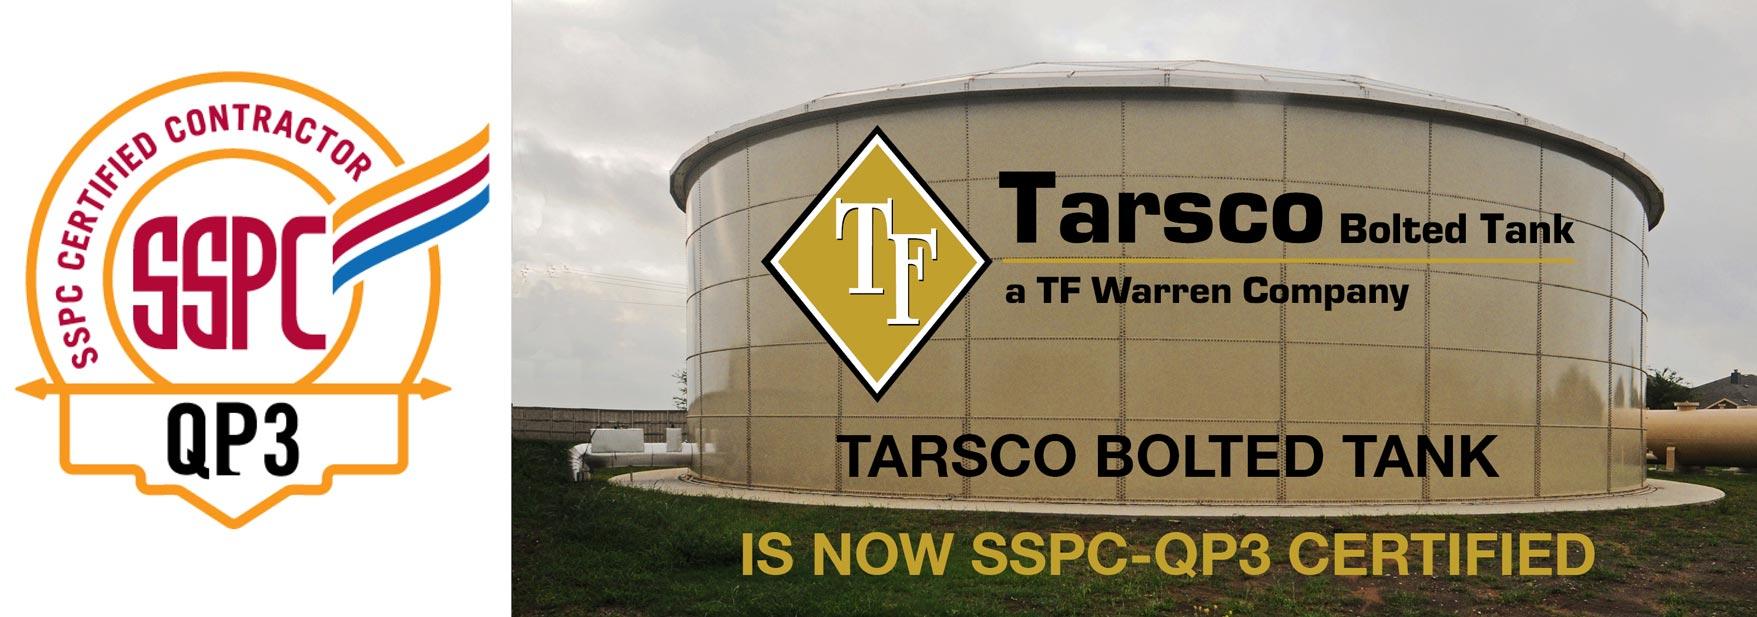 TBT-SSPC-QP3-banner_website